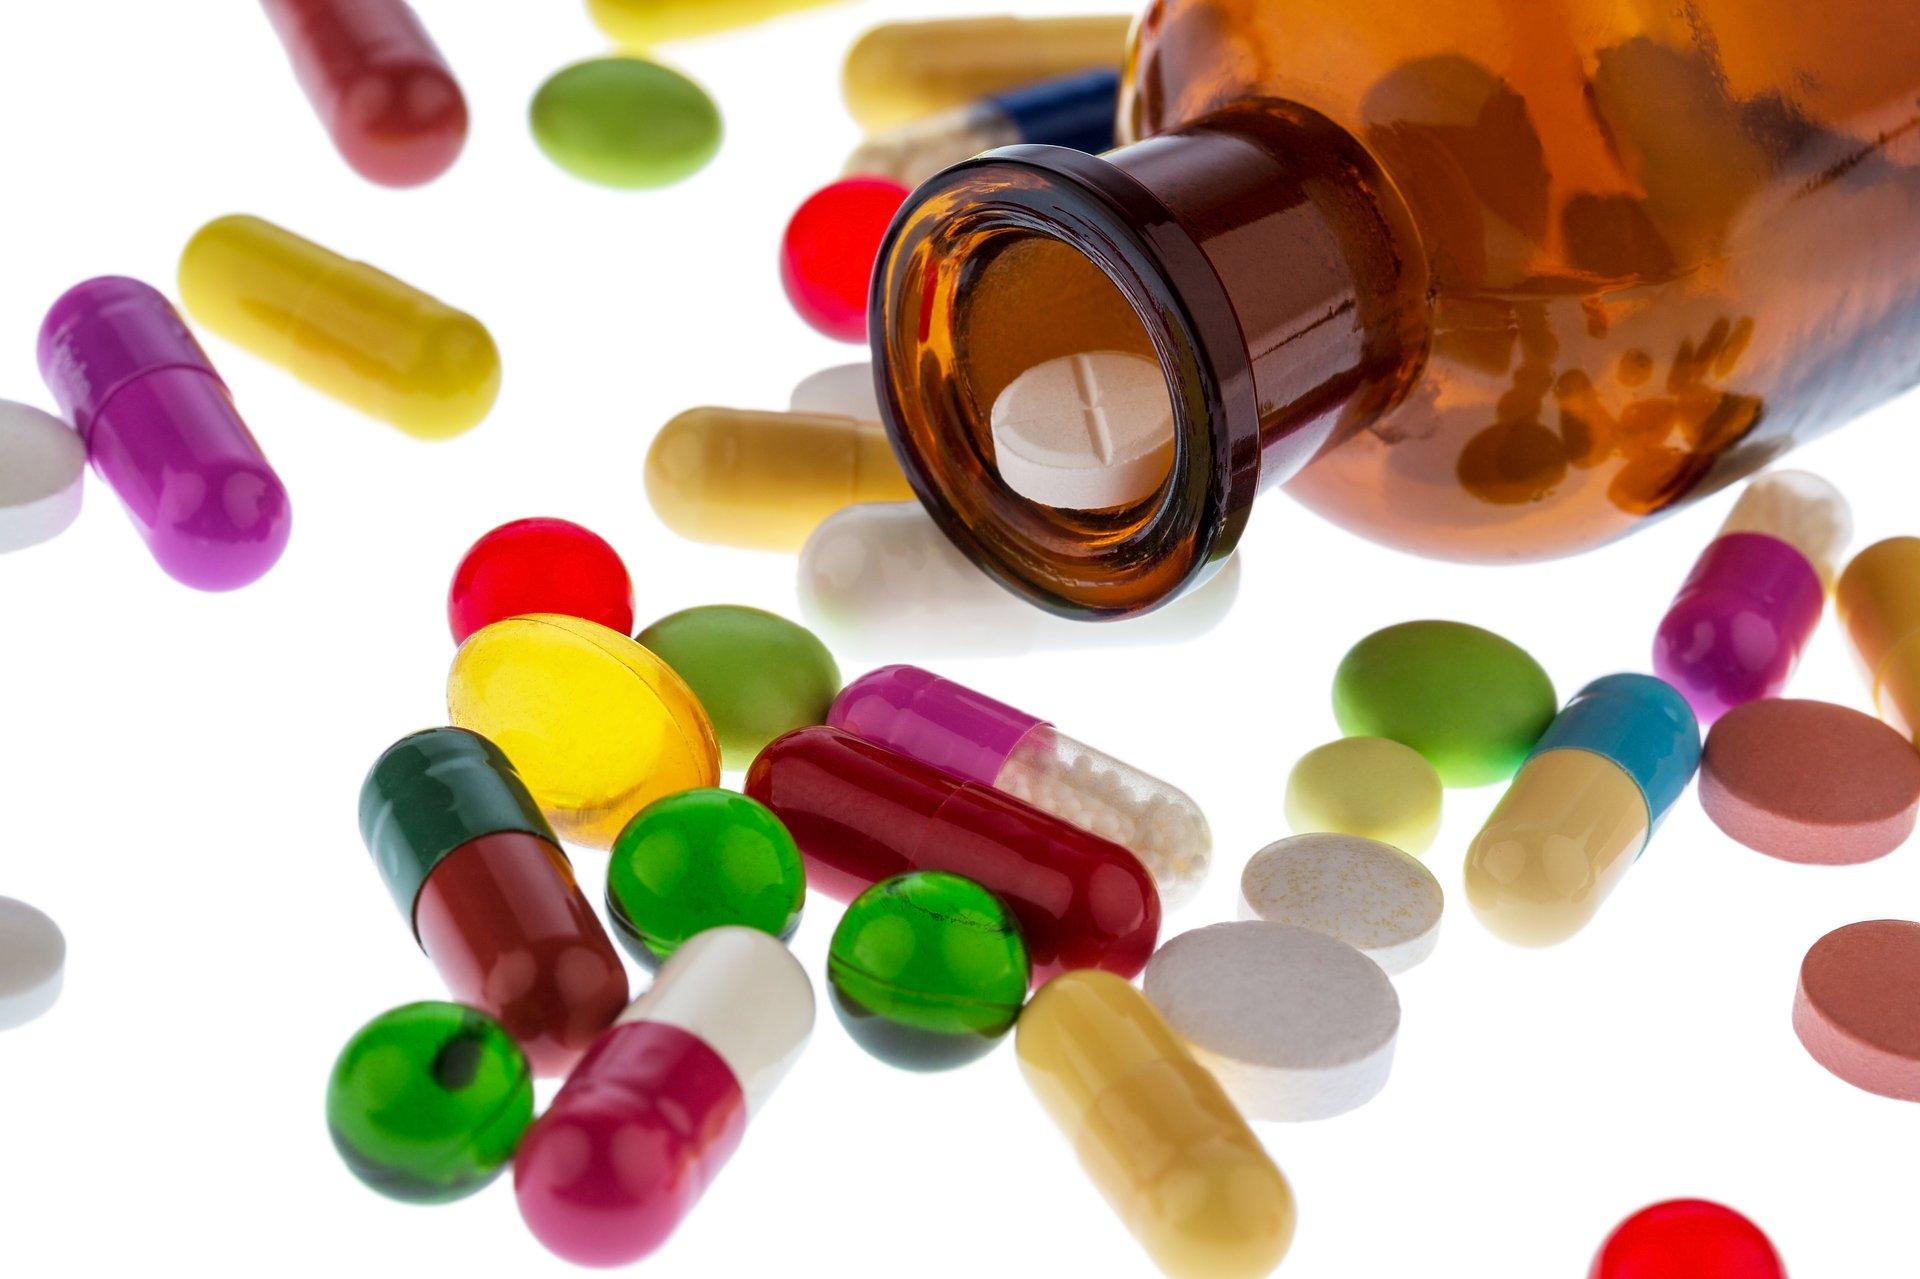 Leki dopuszczone do obrotu we wrześniu 2020 roku